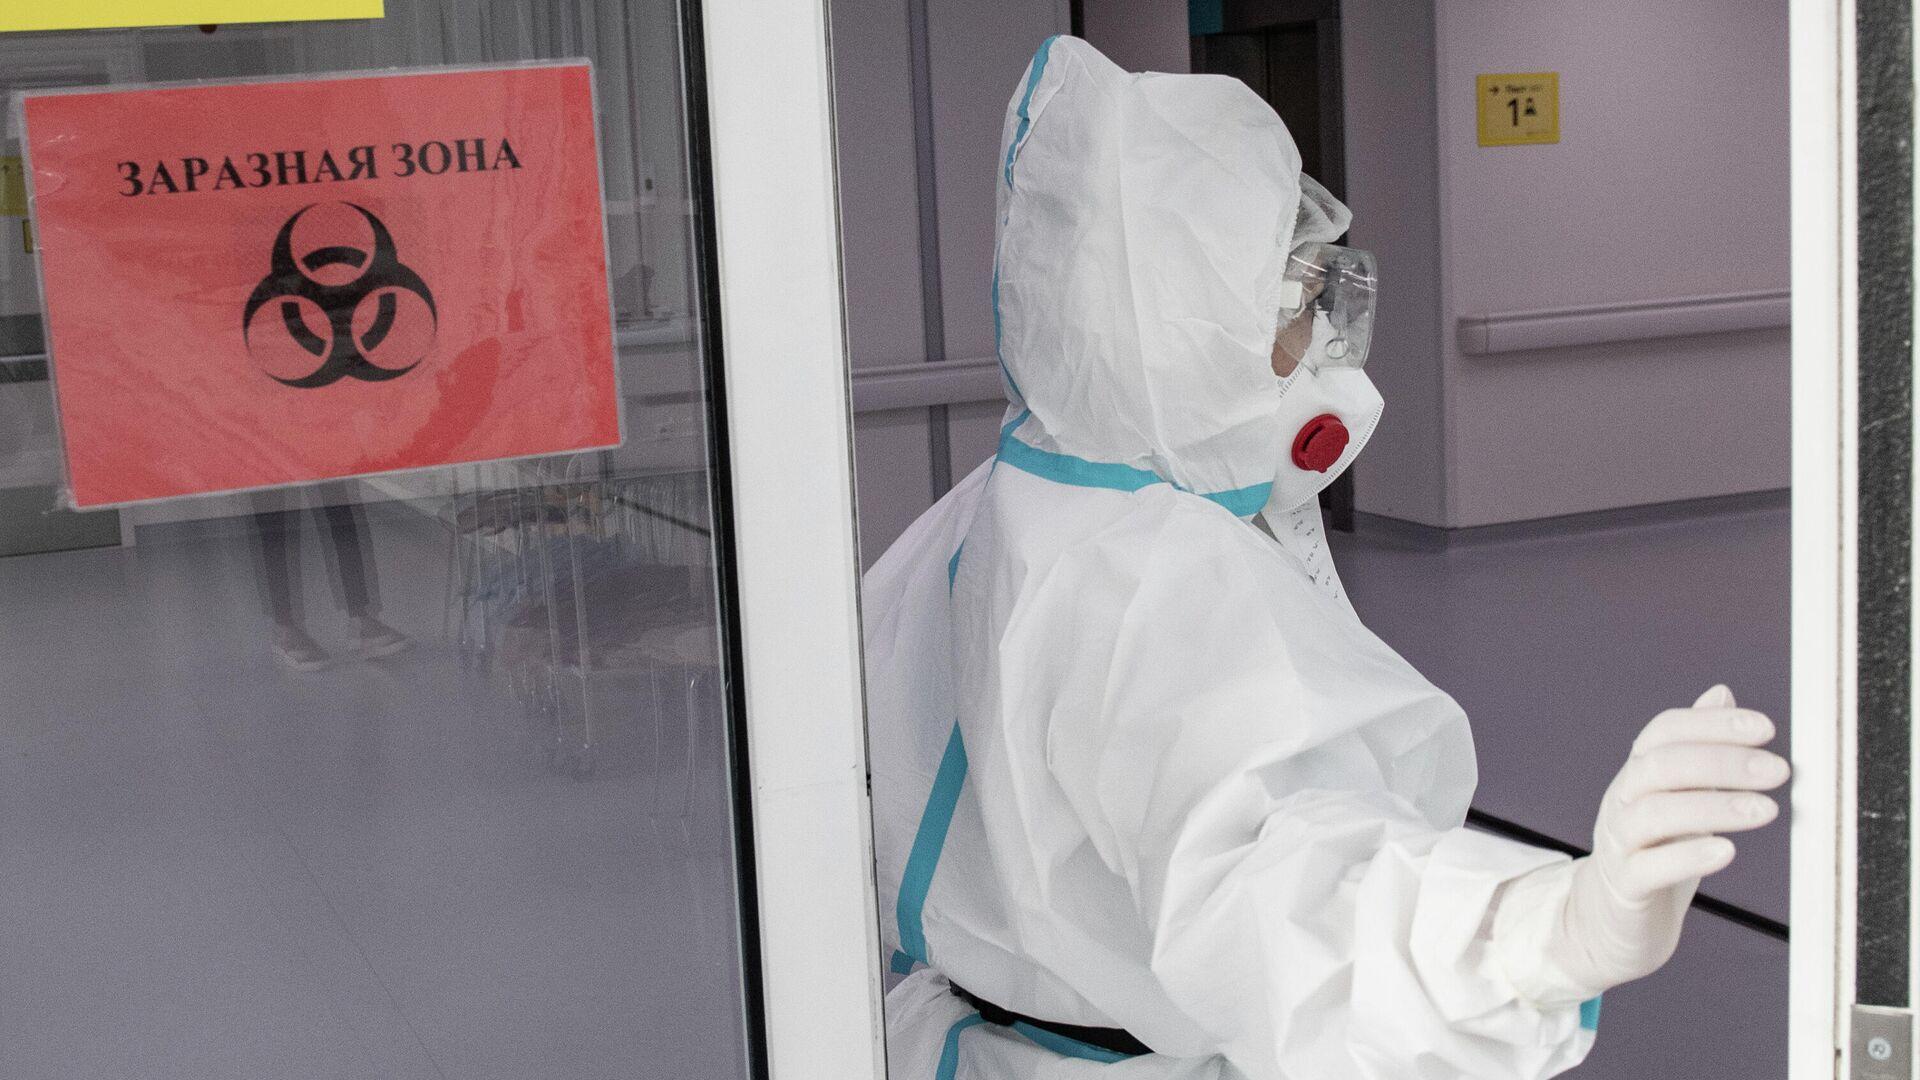 Врач городской клинической больницы №40 в Москве, где проходят лечение больные коронавирусной инфекцией  - РИА Новости, 1920, 14.06.2021